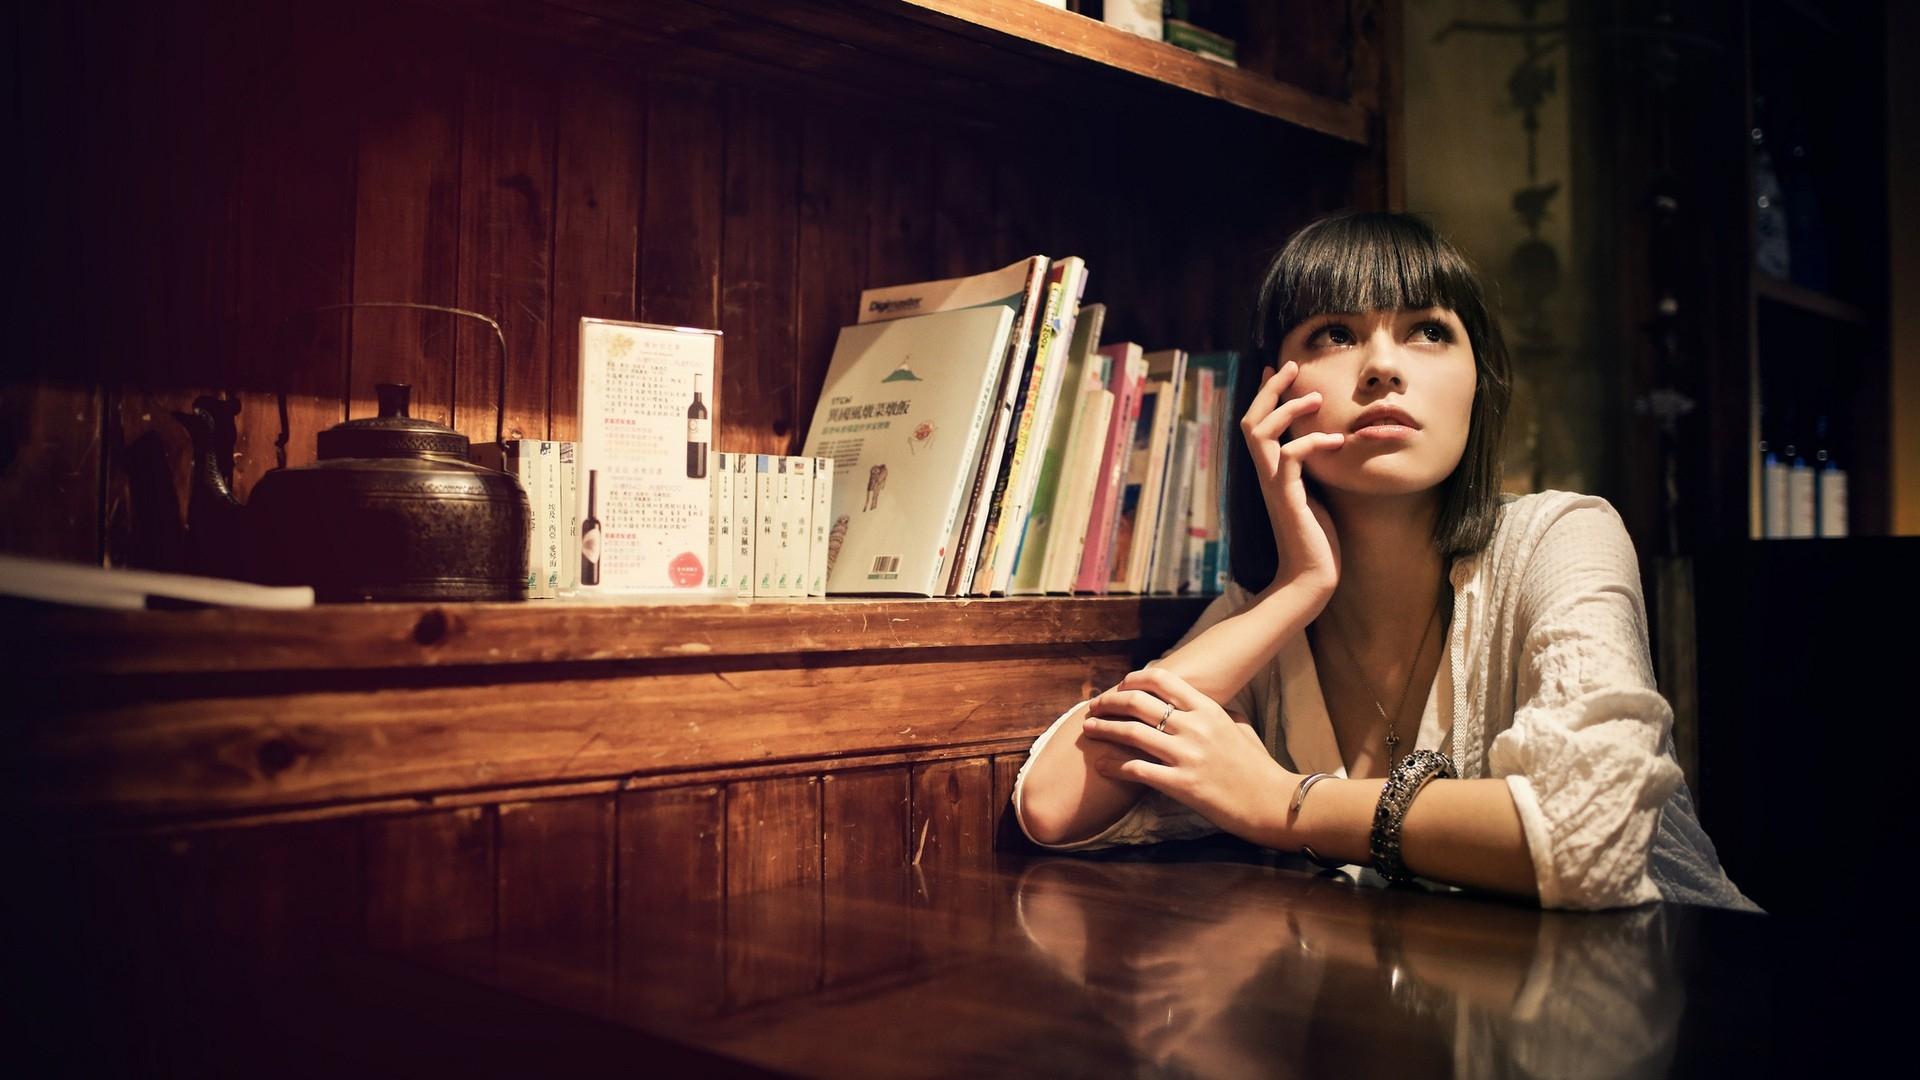 https://get.wallhere.com/photo/face-portrait-brunette-photography-table-light-girl-beauty-photograph-darkness-636011.jpg